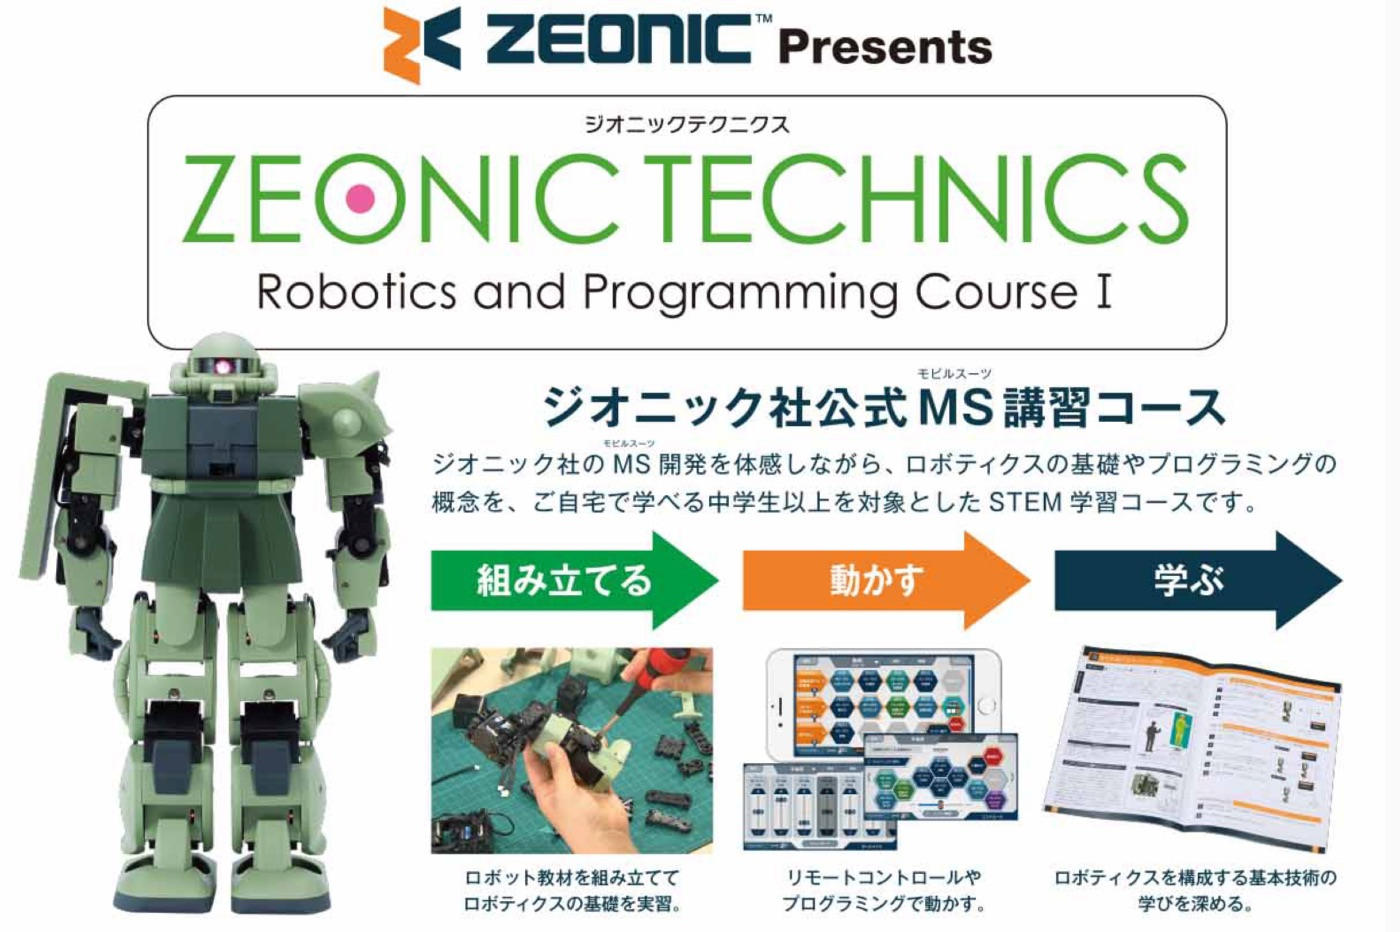 「ザクII」でロボティクス&プログラミングが学べる「ZEONIC TECHNICS」(ジオニック テクニクス)